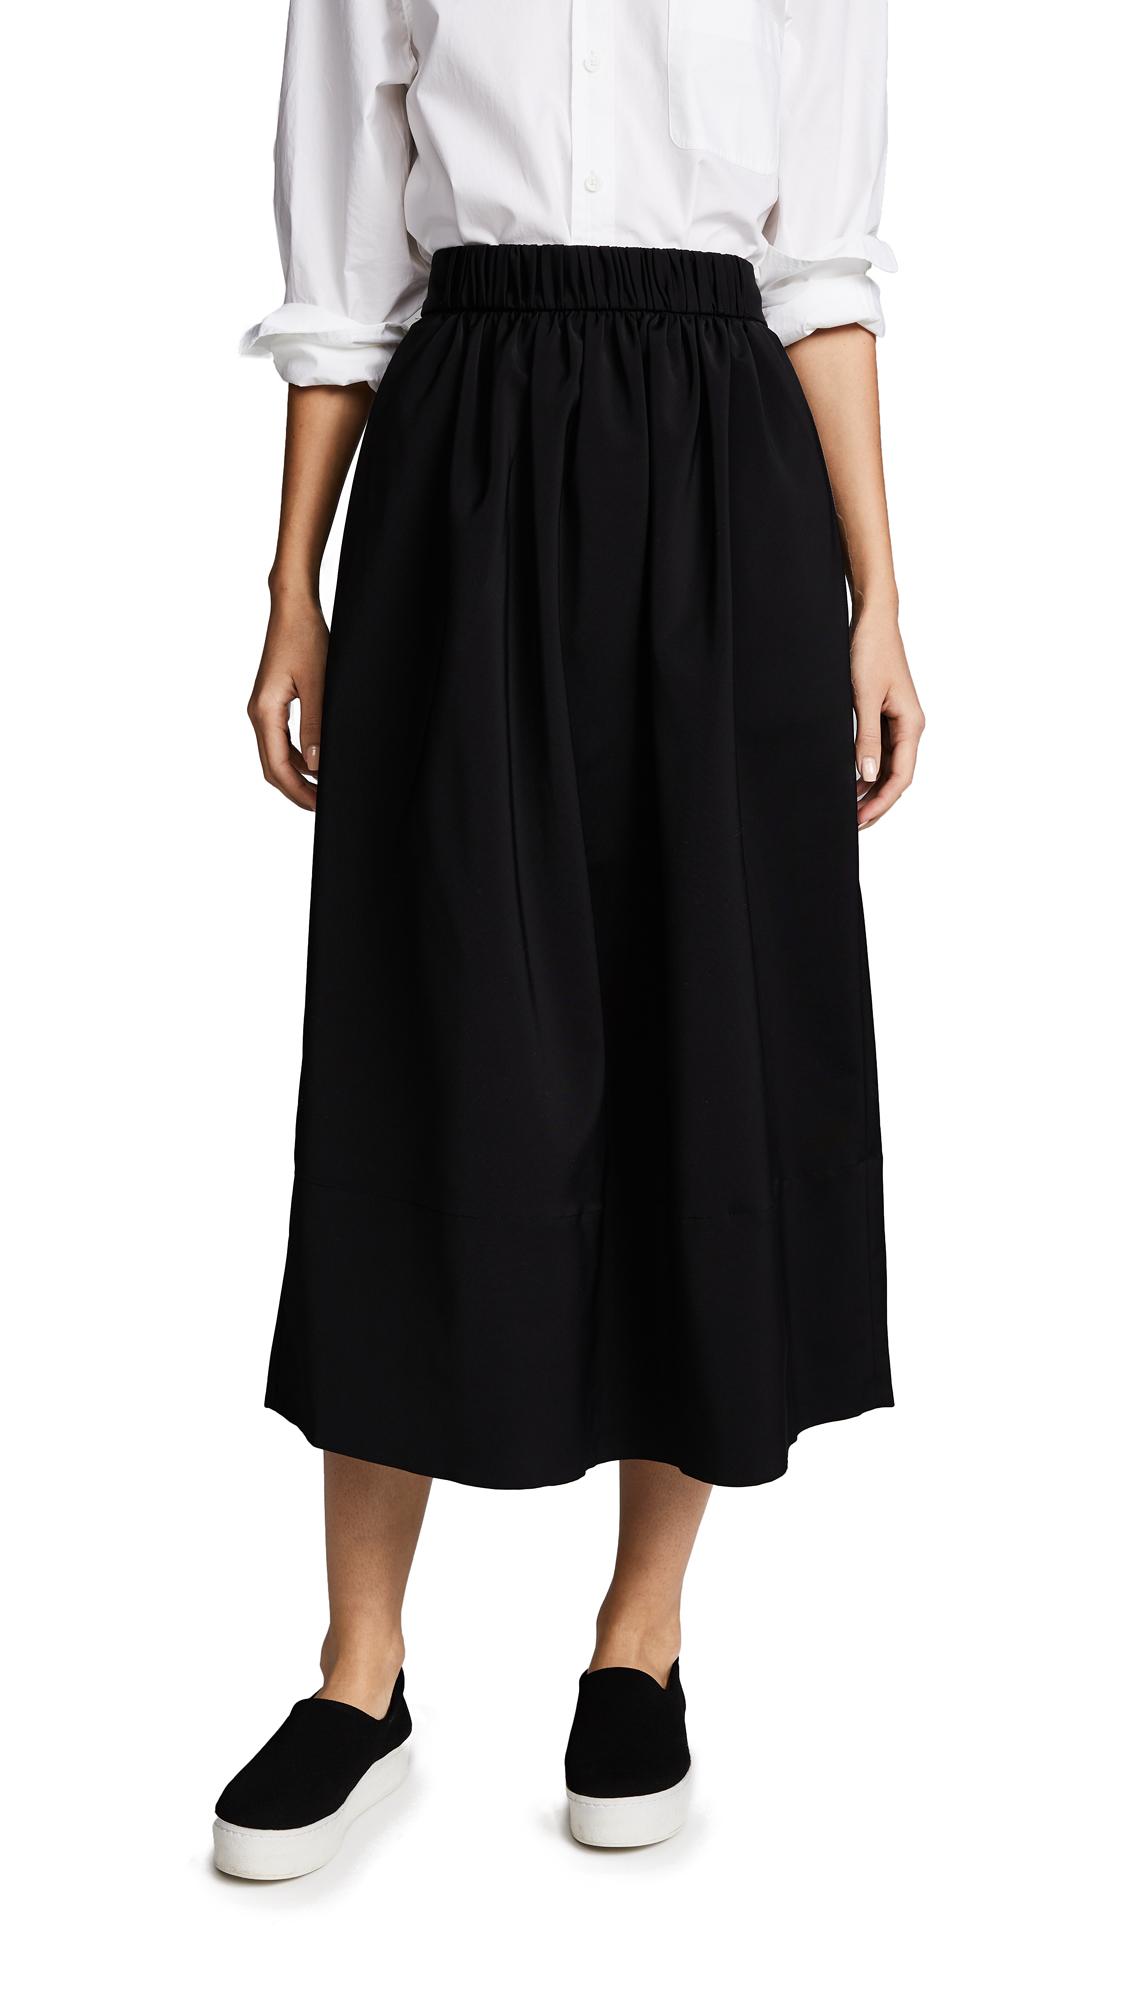 Tibi Smocked Waistband Full Skirt - Black